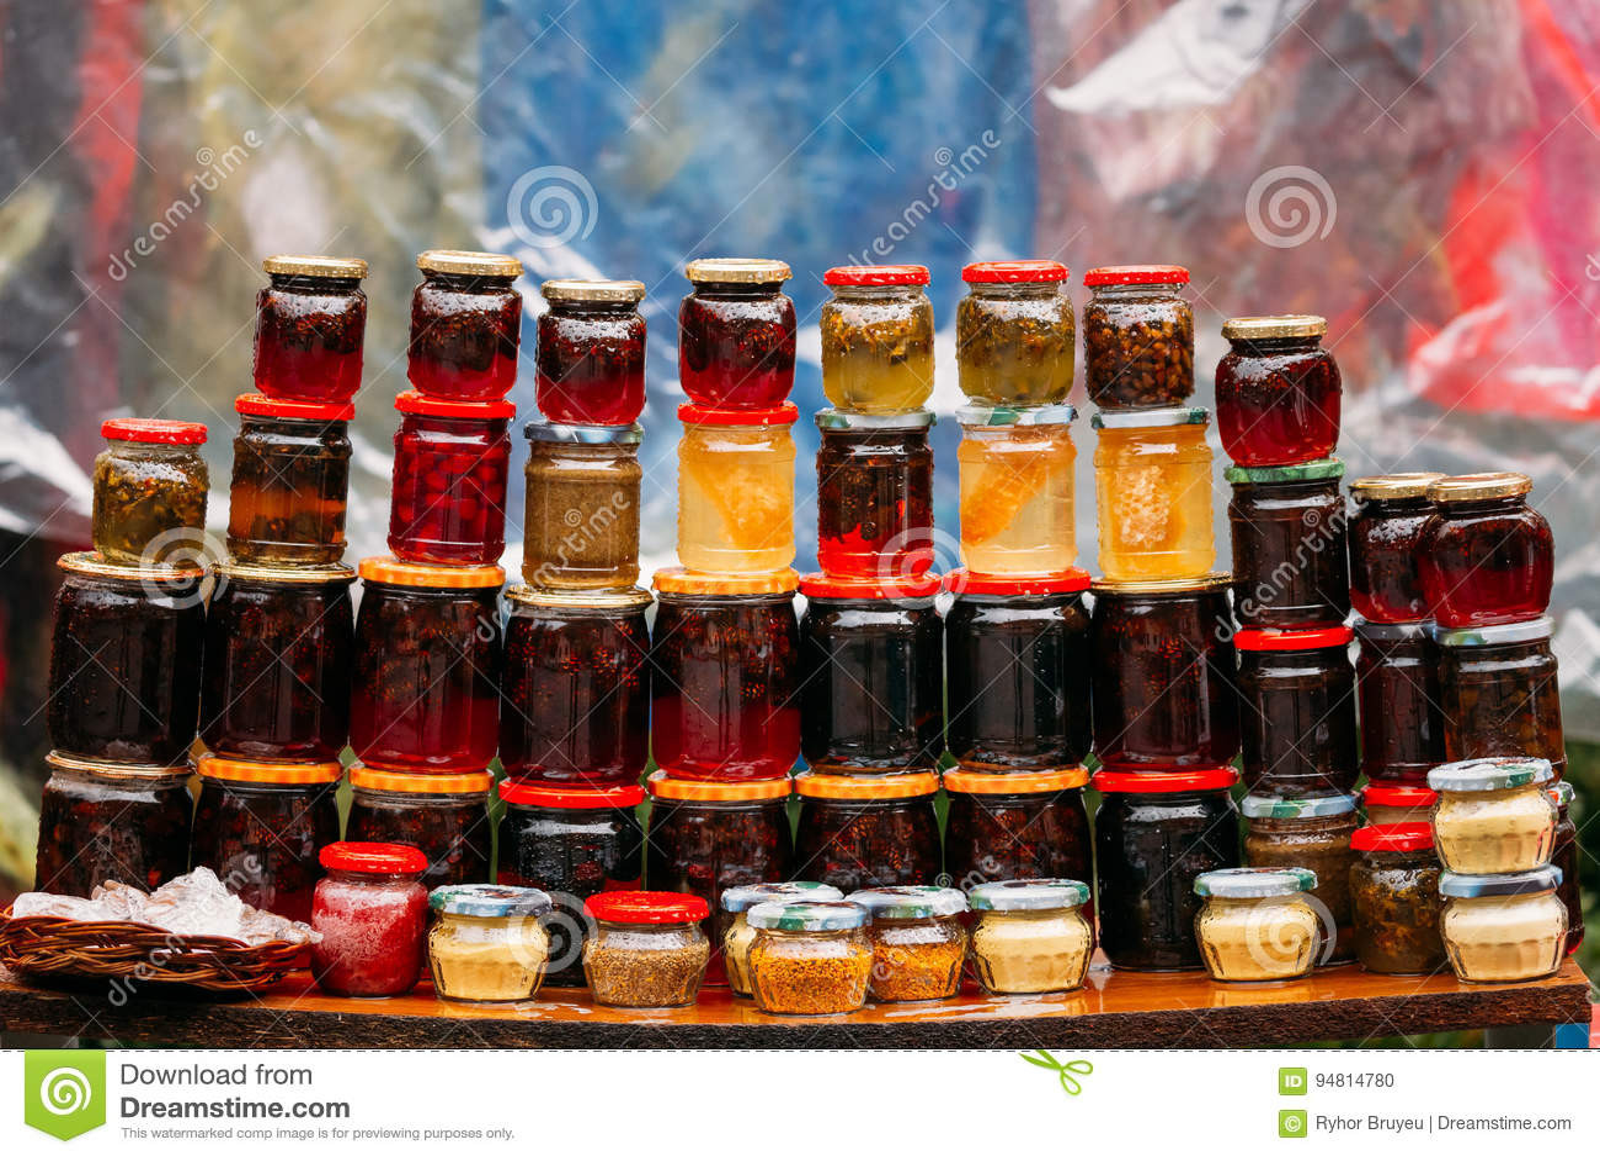 Διάφορα βάζα με τις γλυκές νόστιμες Yummy μαρμελάδες Μαρμελάδα που γίνεται από τα ξύλα καρυδιάς,